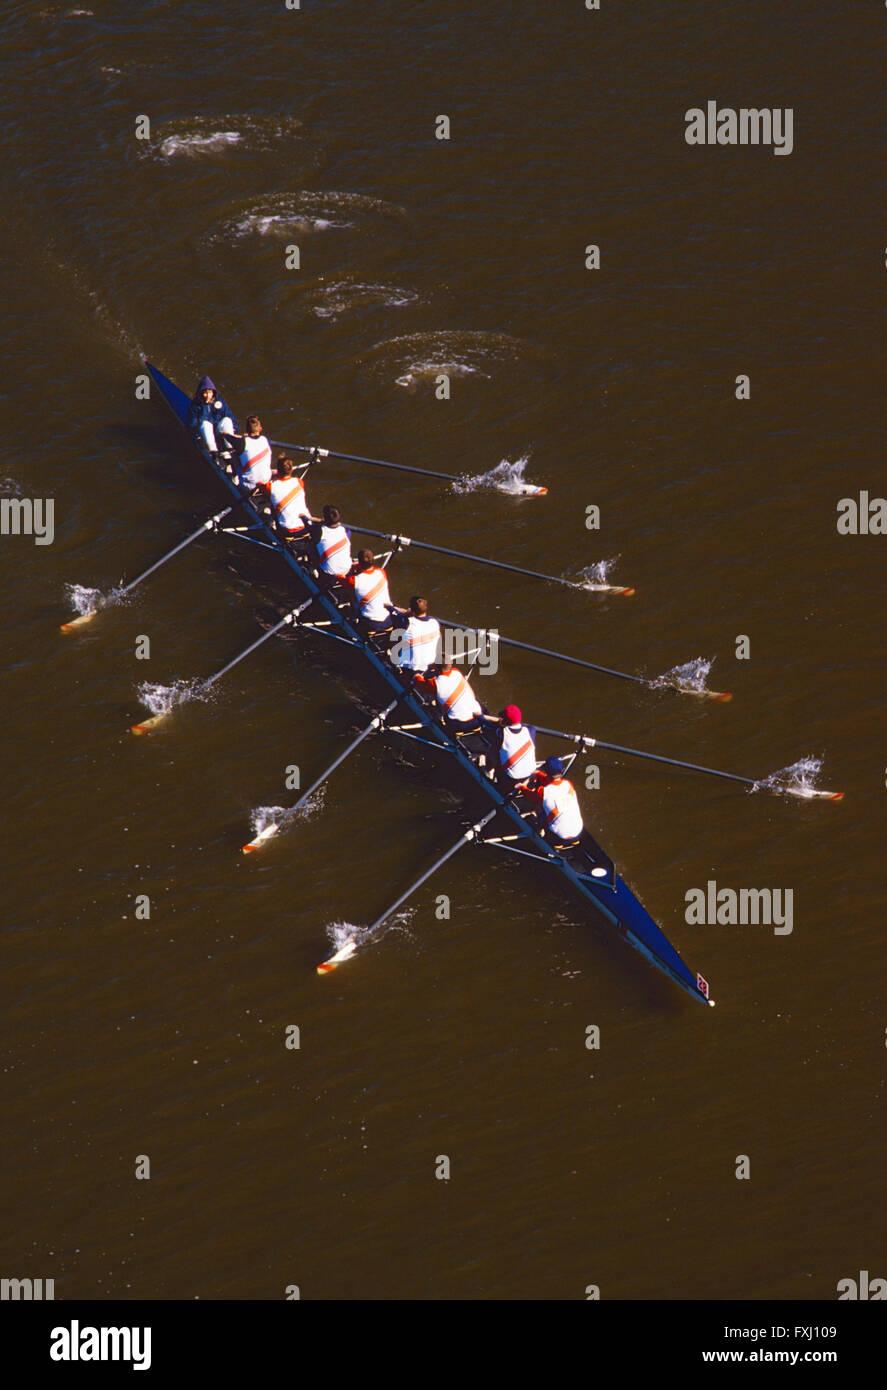 Aviron rameurs dans la tête de la Régate Schuylkill; Schuykill River; Philadelphia; New York; États-Unis d'Amérique Banque D'Images